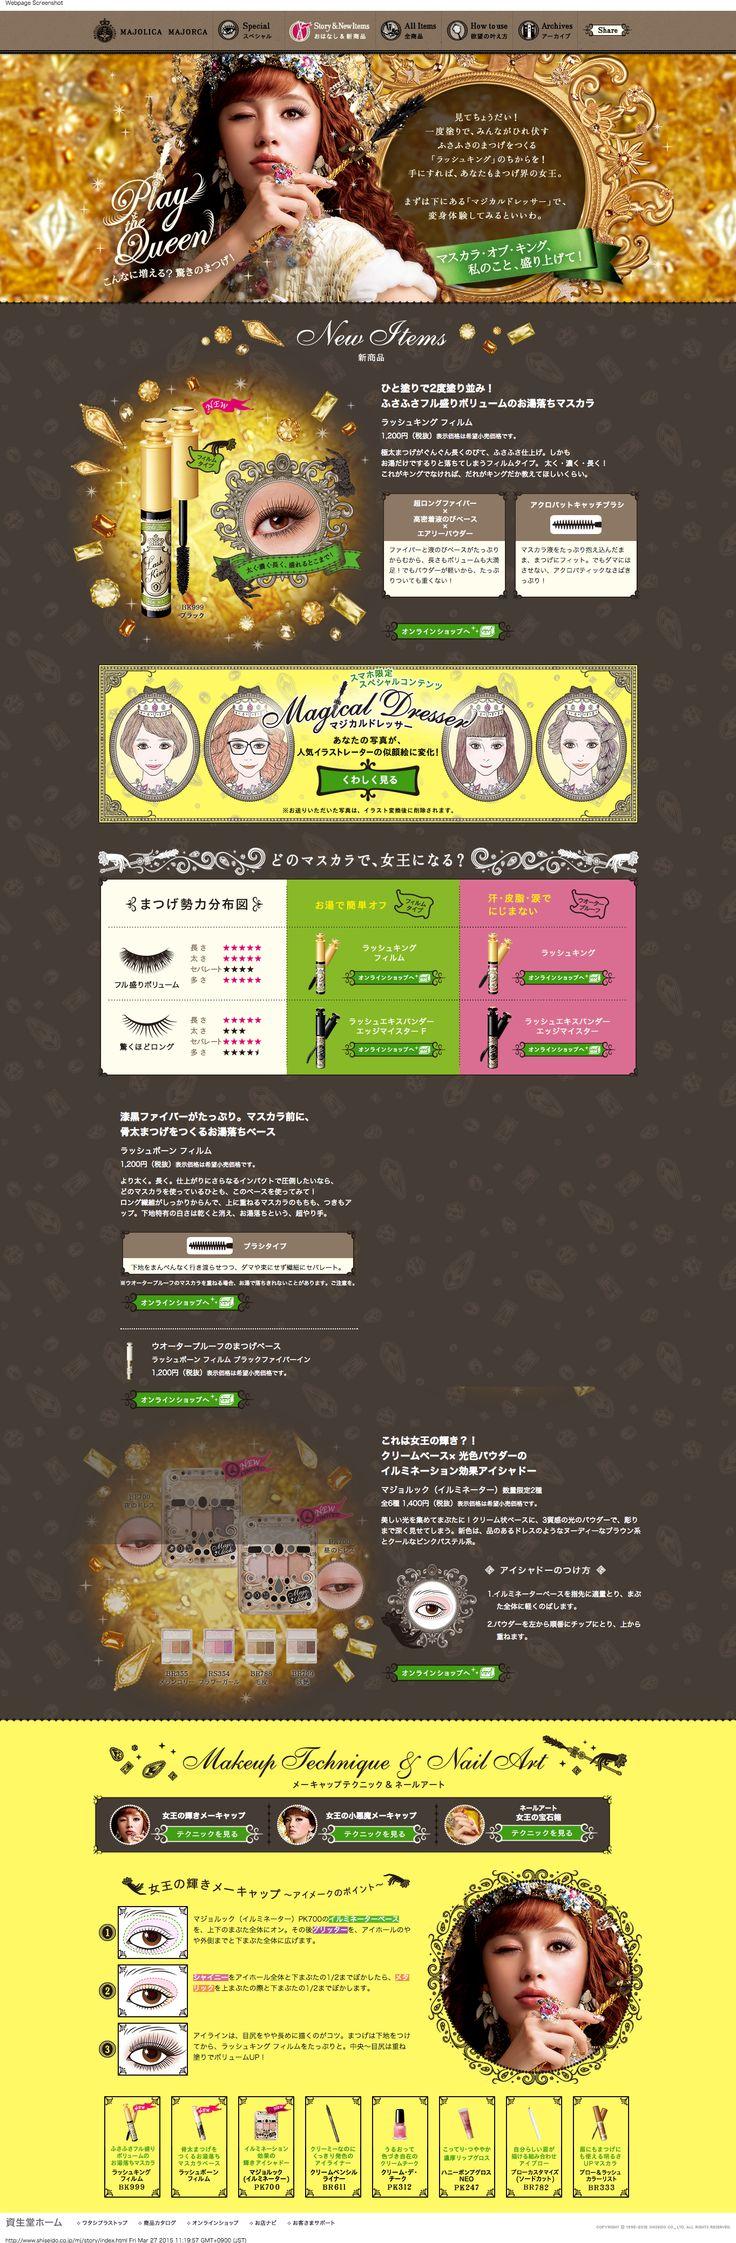 http://www.shiseido.co.jp/mj/special/